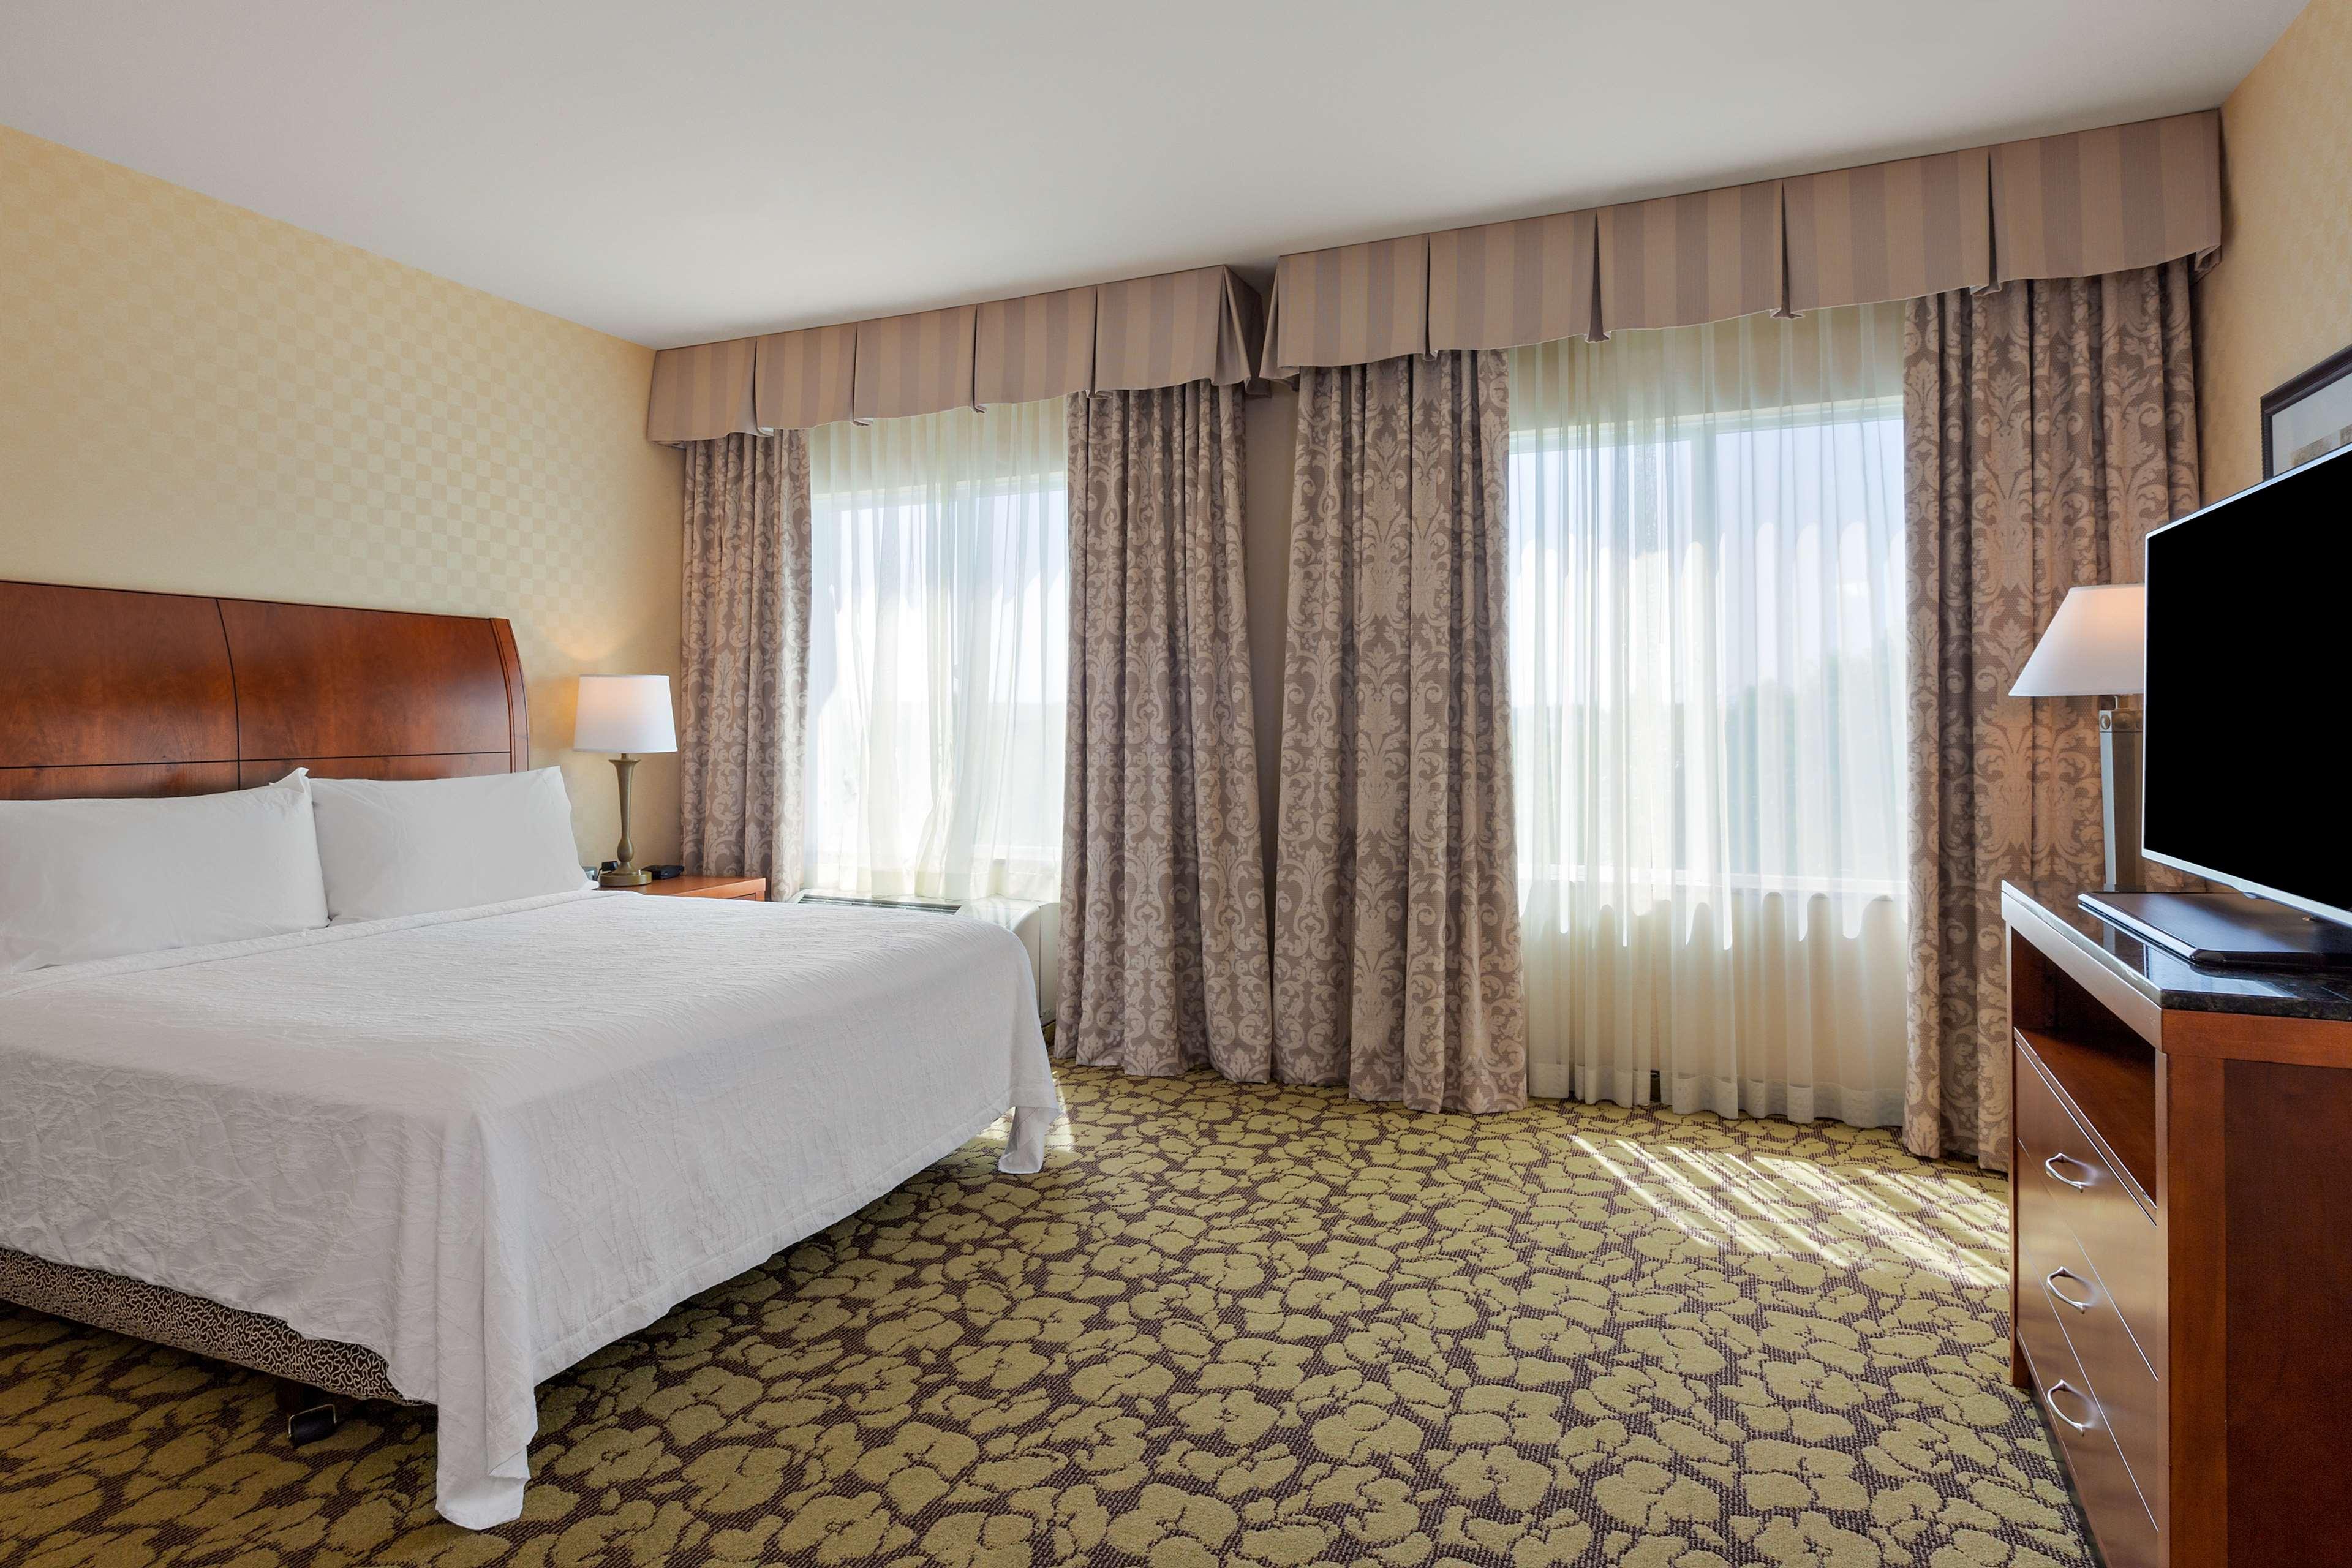 Hilton Garden Inn Sacramento Elk Grove image 15